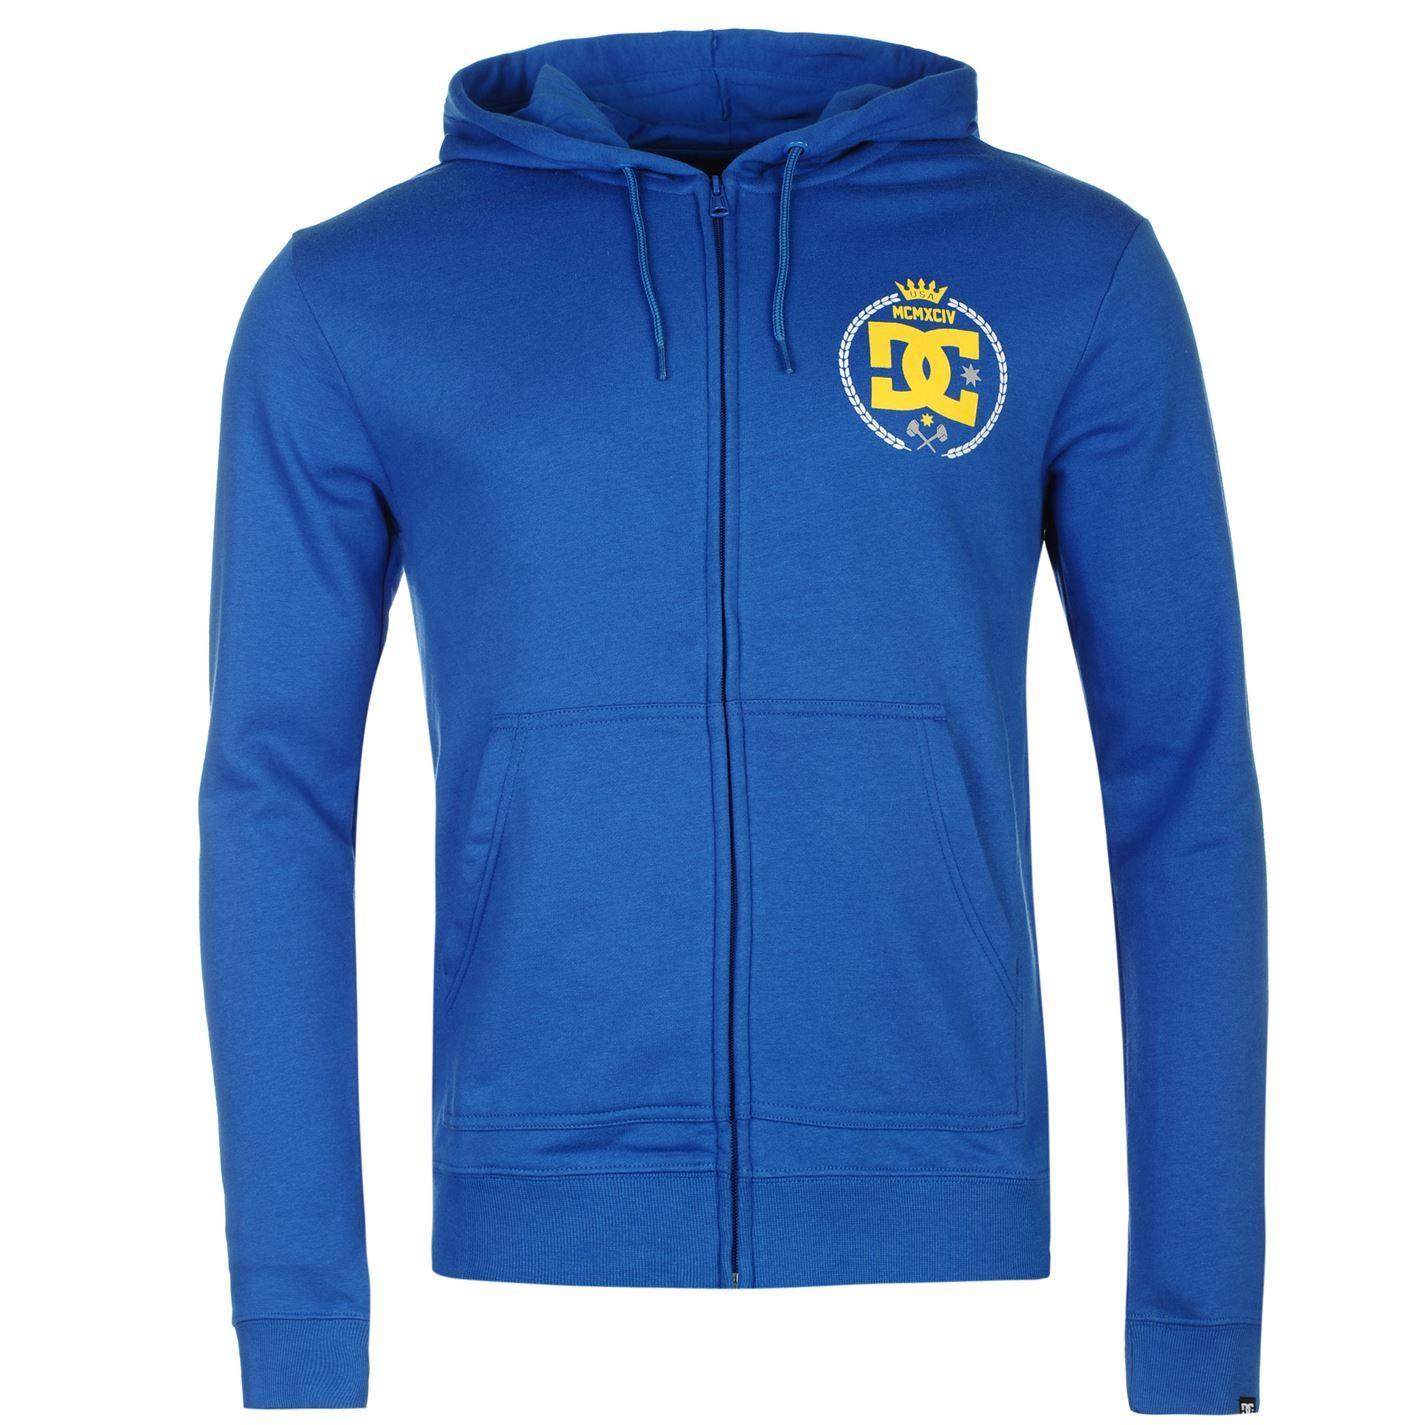 DC-Shoe-Co-Sledge-Full-Zip-Hoody-Jacket-Mens-Hoodie-Sweatshirt-Sweater-Top thumbnail 9